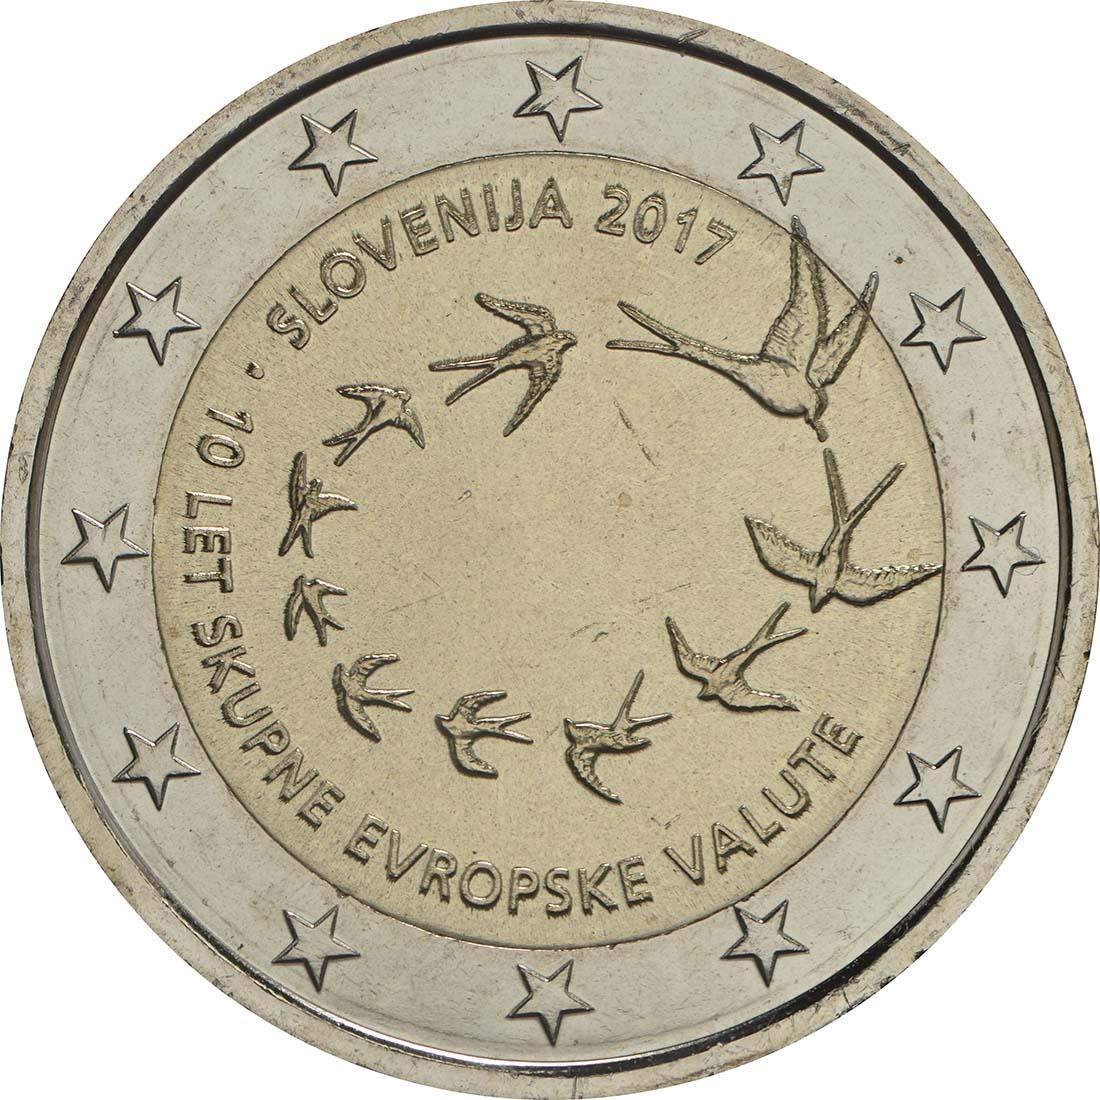 2017 266 Slowenien 10 J. Euro.jpg